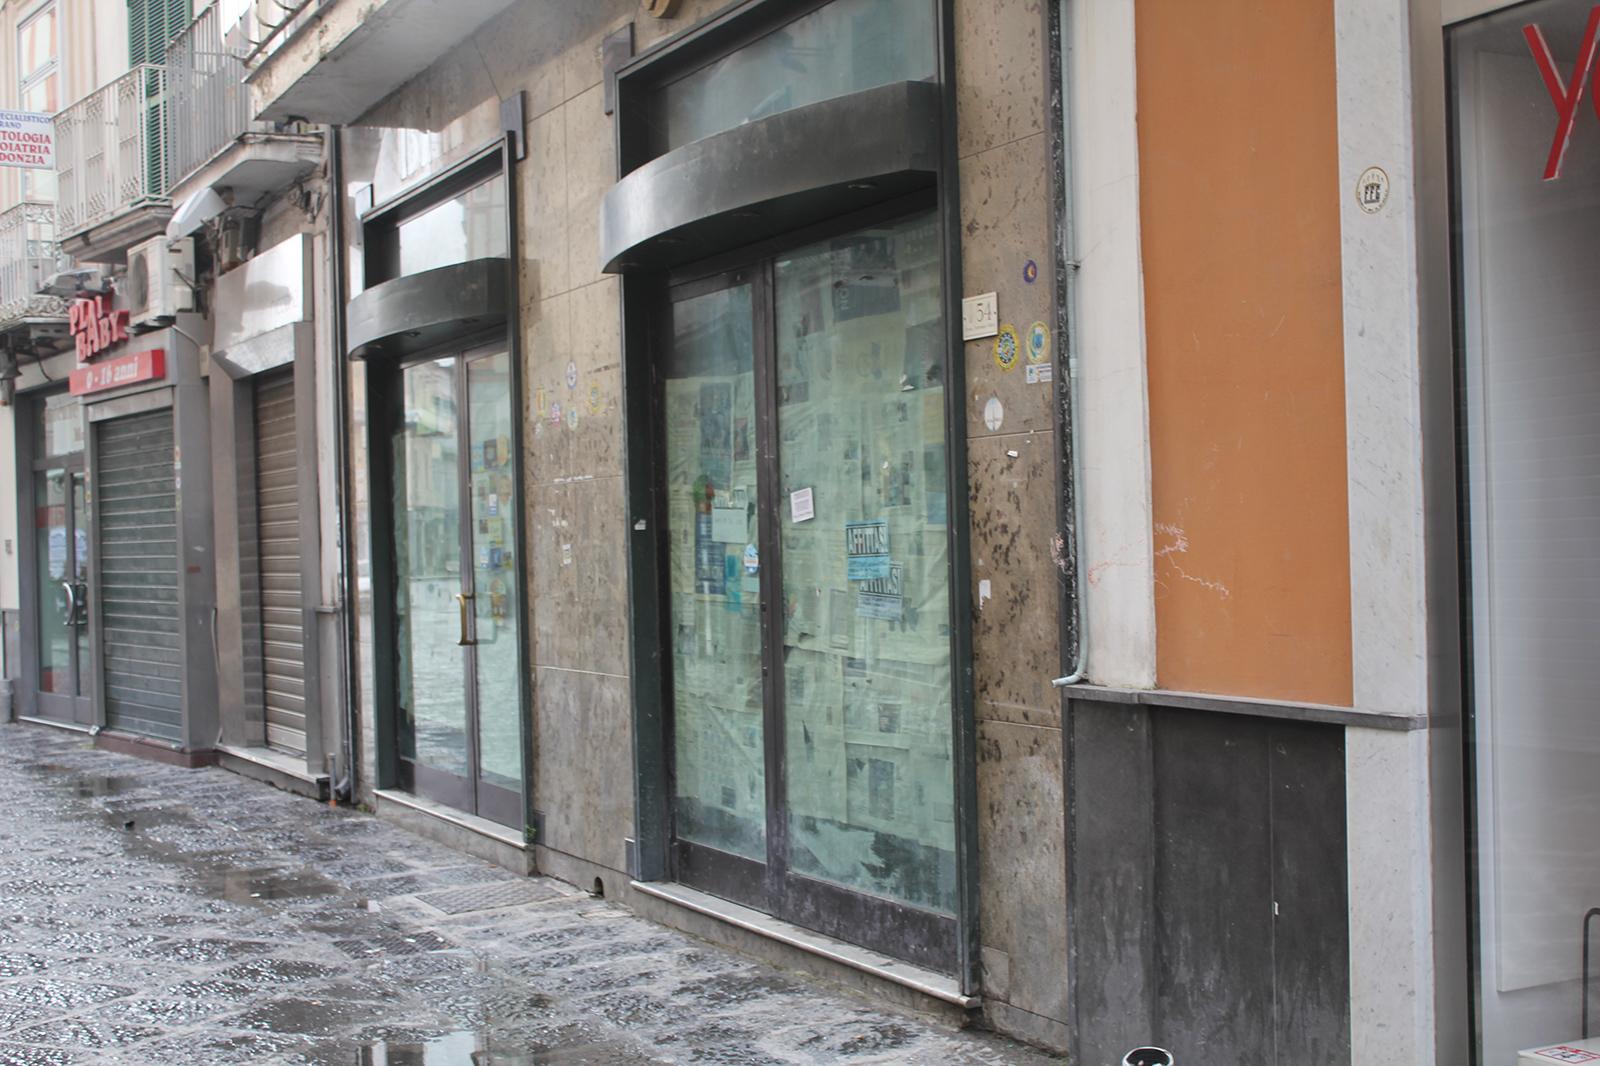 corso-tommaso-vitale-negozi-chiusi-5